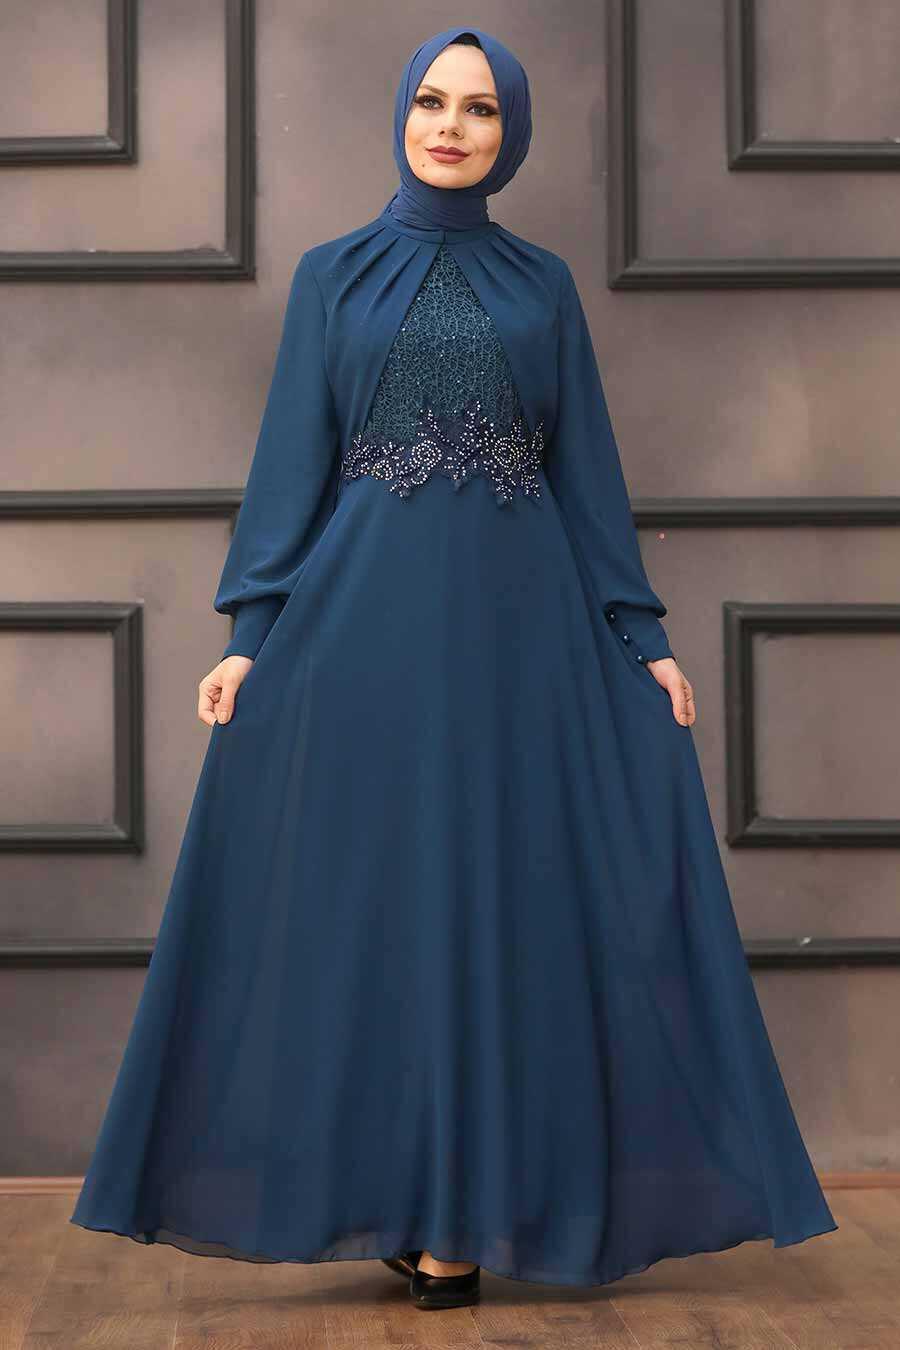 Petrol Blue Hijab Evening Dress 52785PM